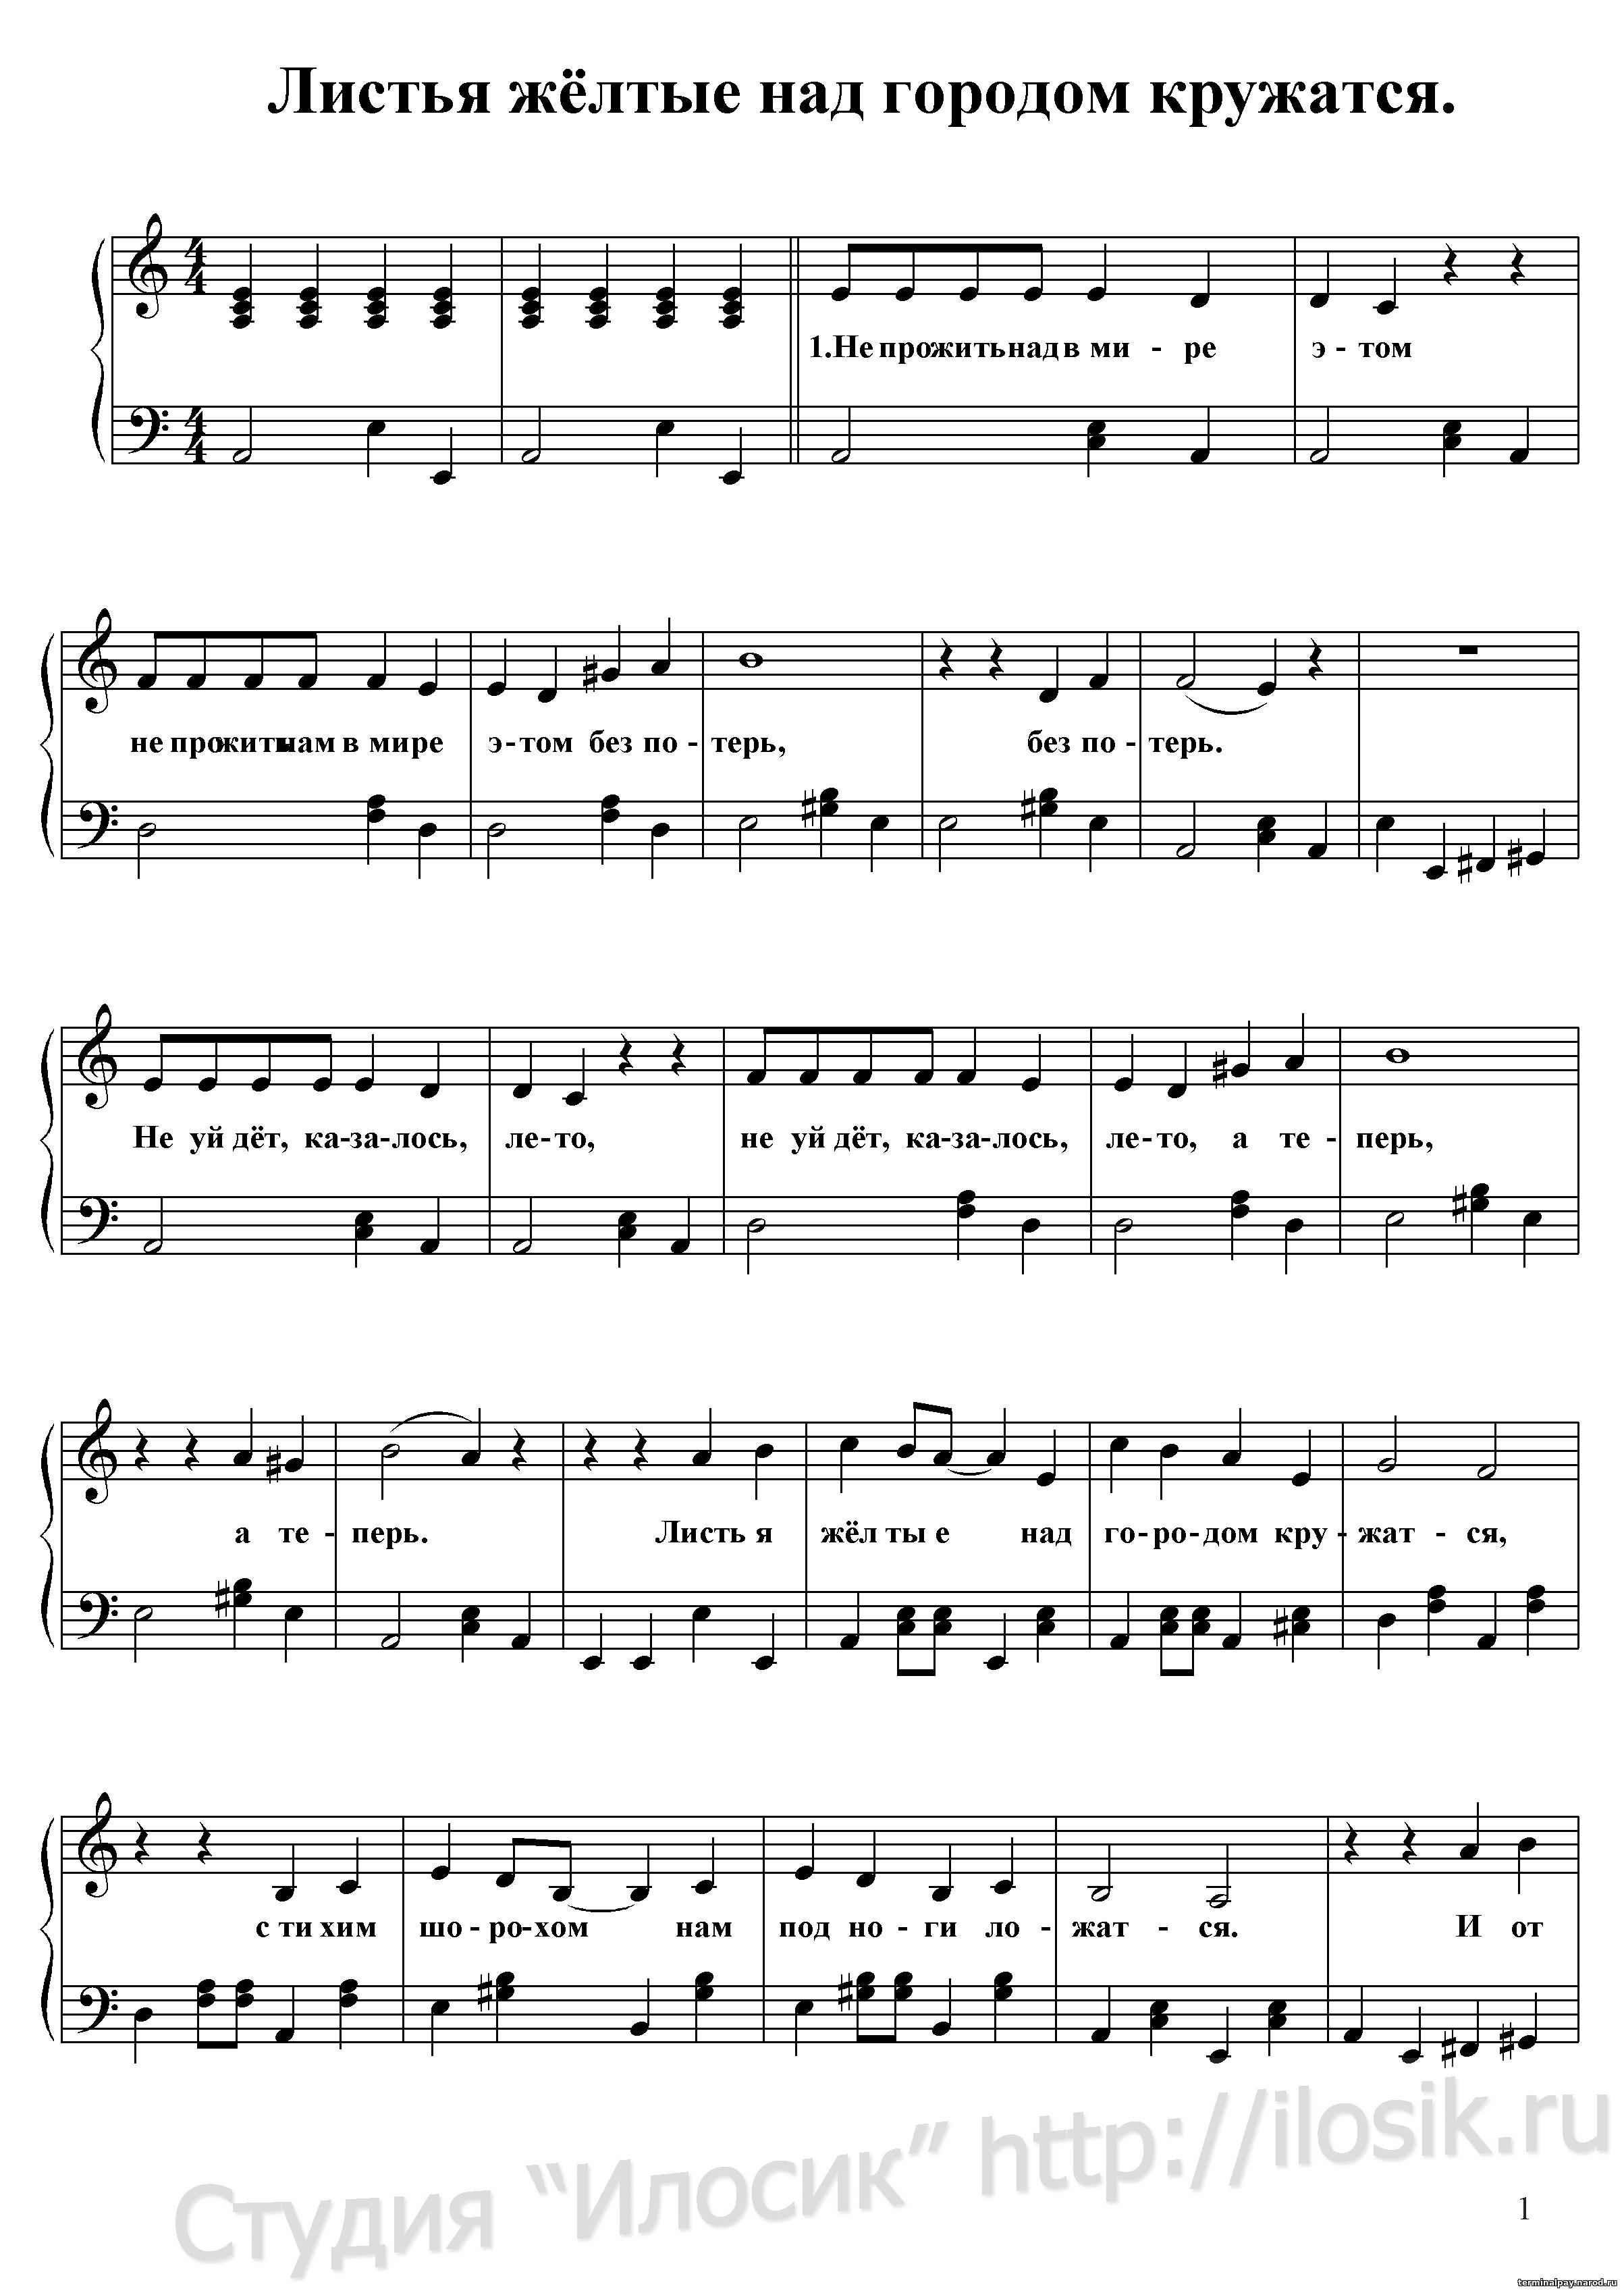 ПЕСНЯ ЛИСТЬЯ ЖЕЛТЫЕ НАД ГОРОДОМ КРУЖАТСЯ МИНУСОВКА СКАЧАТЬ БЕСПЛАТНО